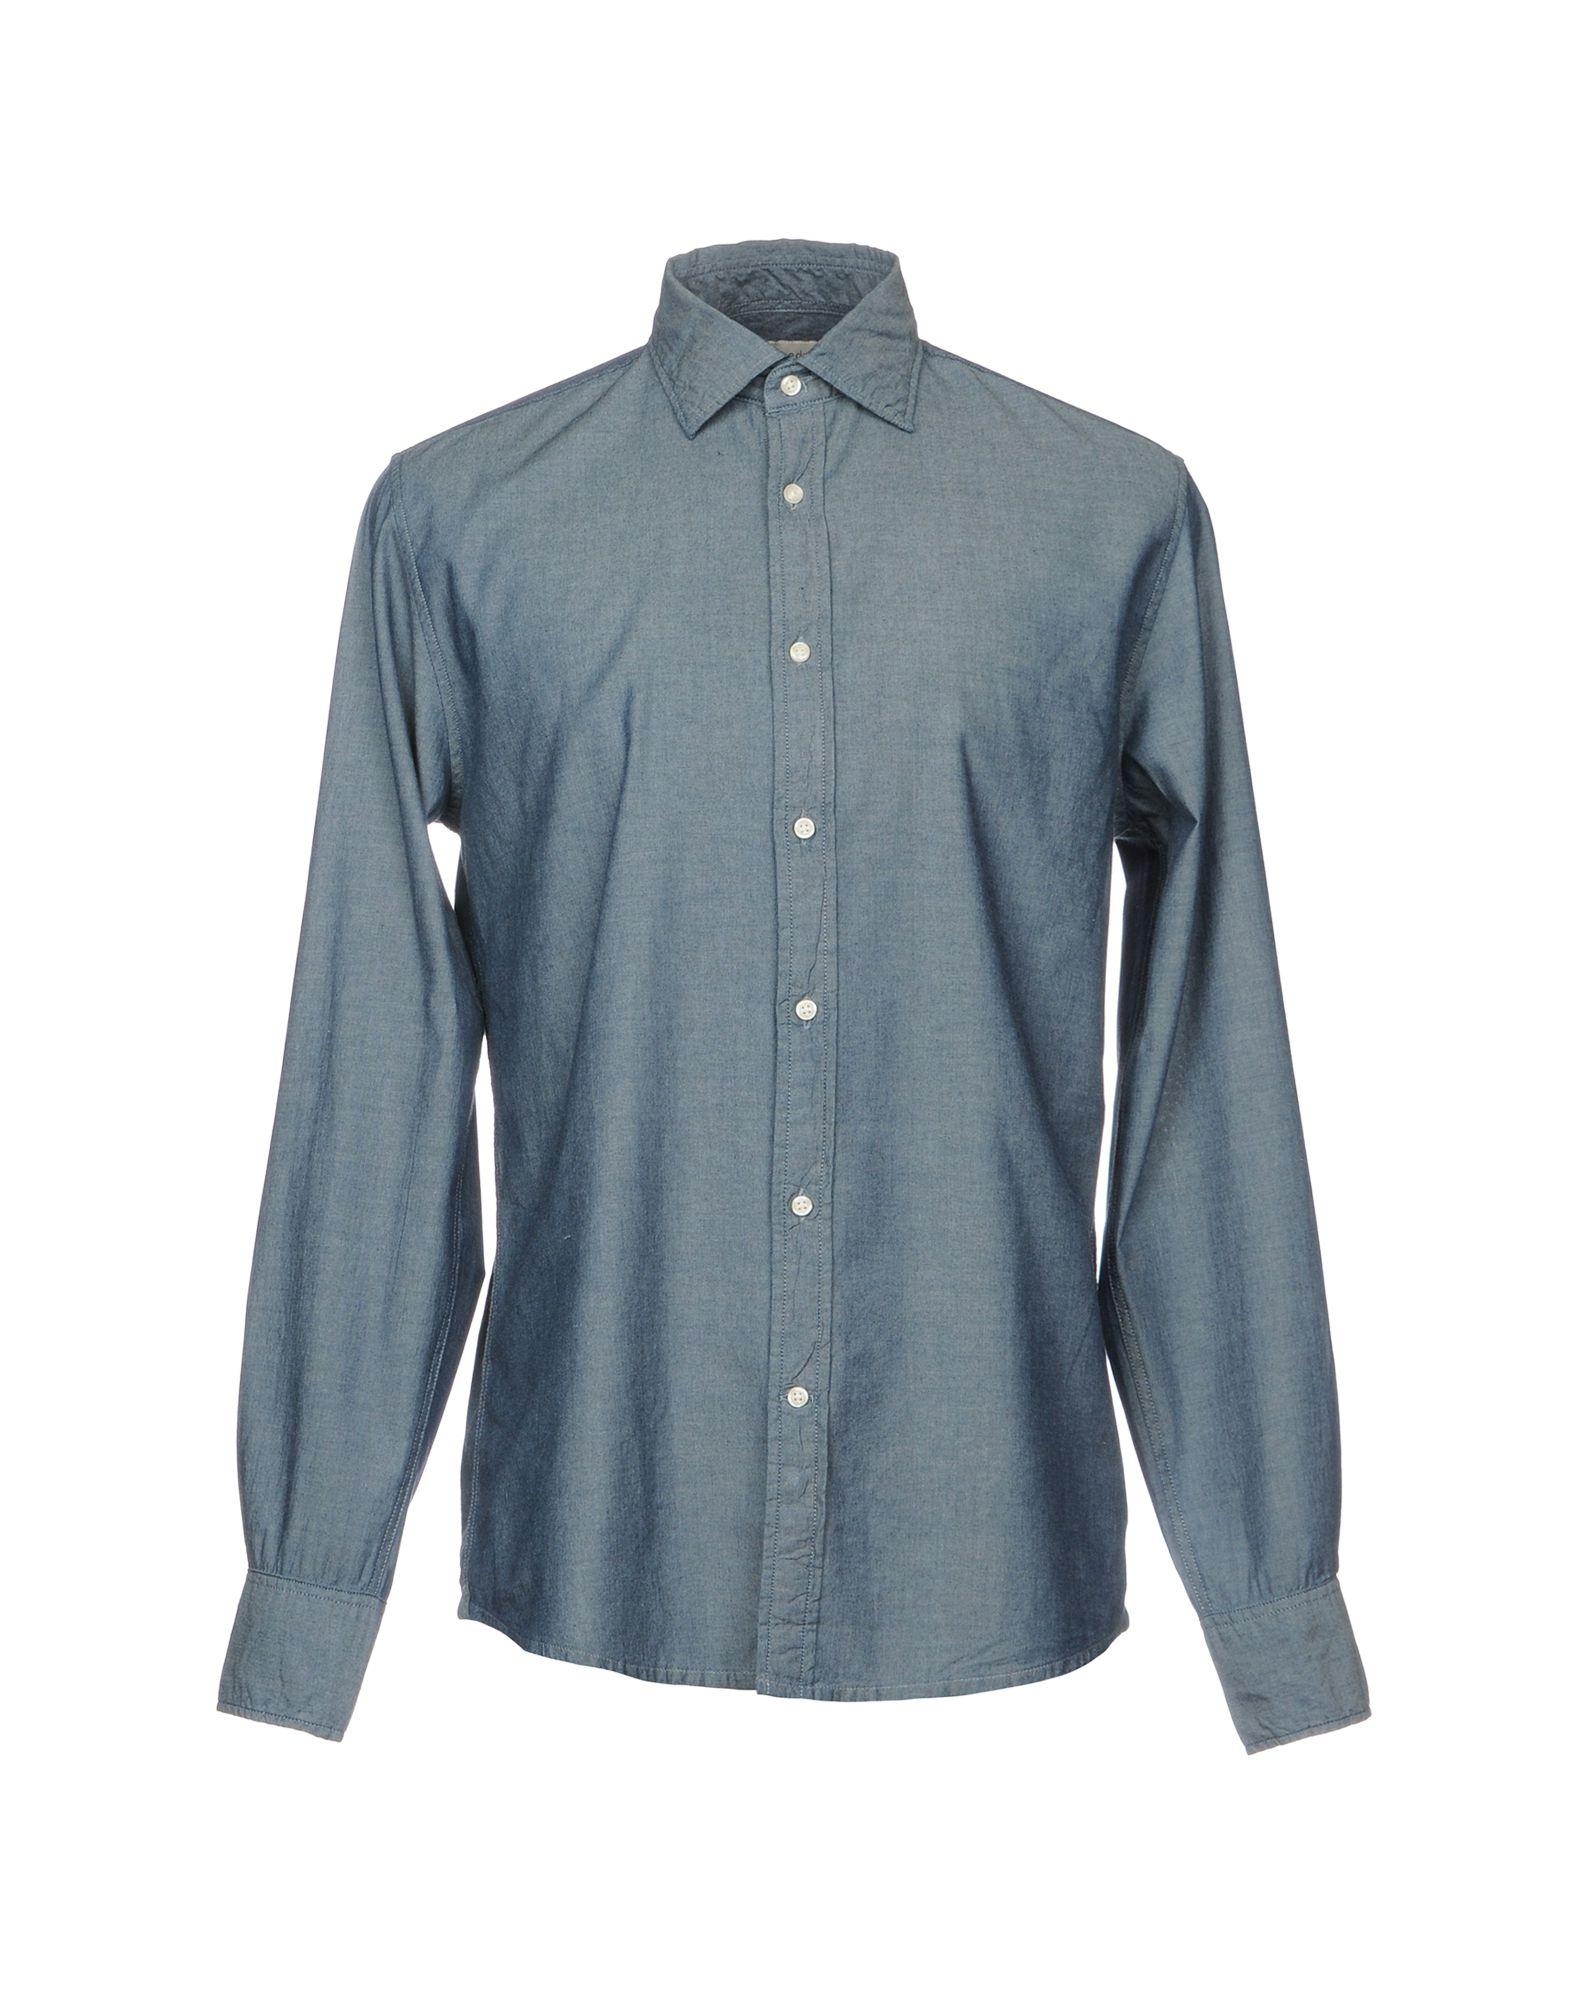 《送料無料》DEPERLU メンズ デニムシャツ ブルー M コットン 100%